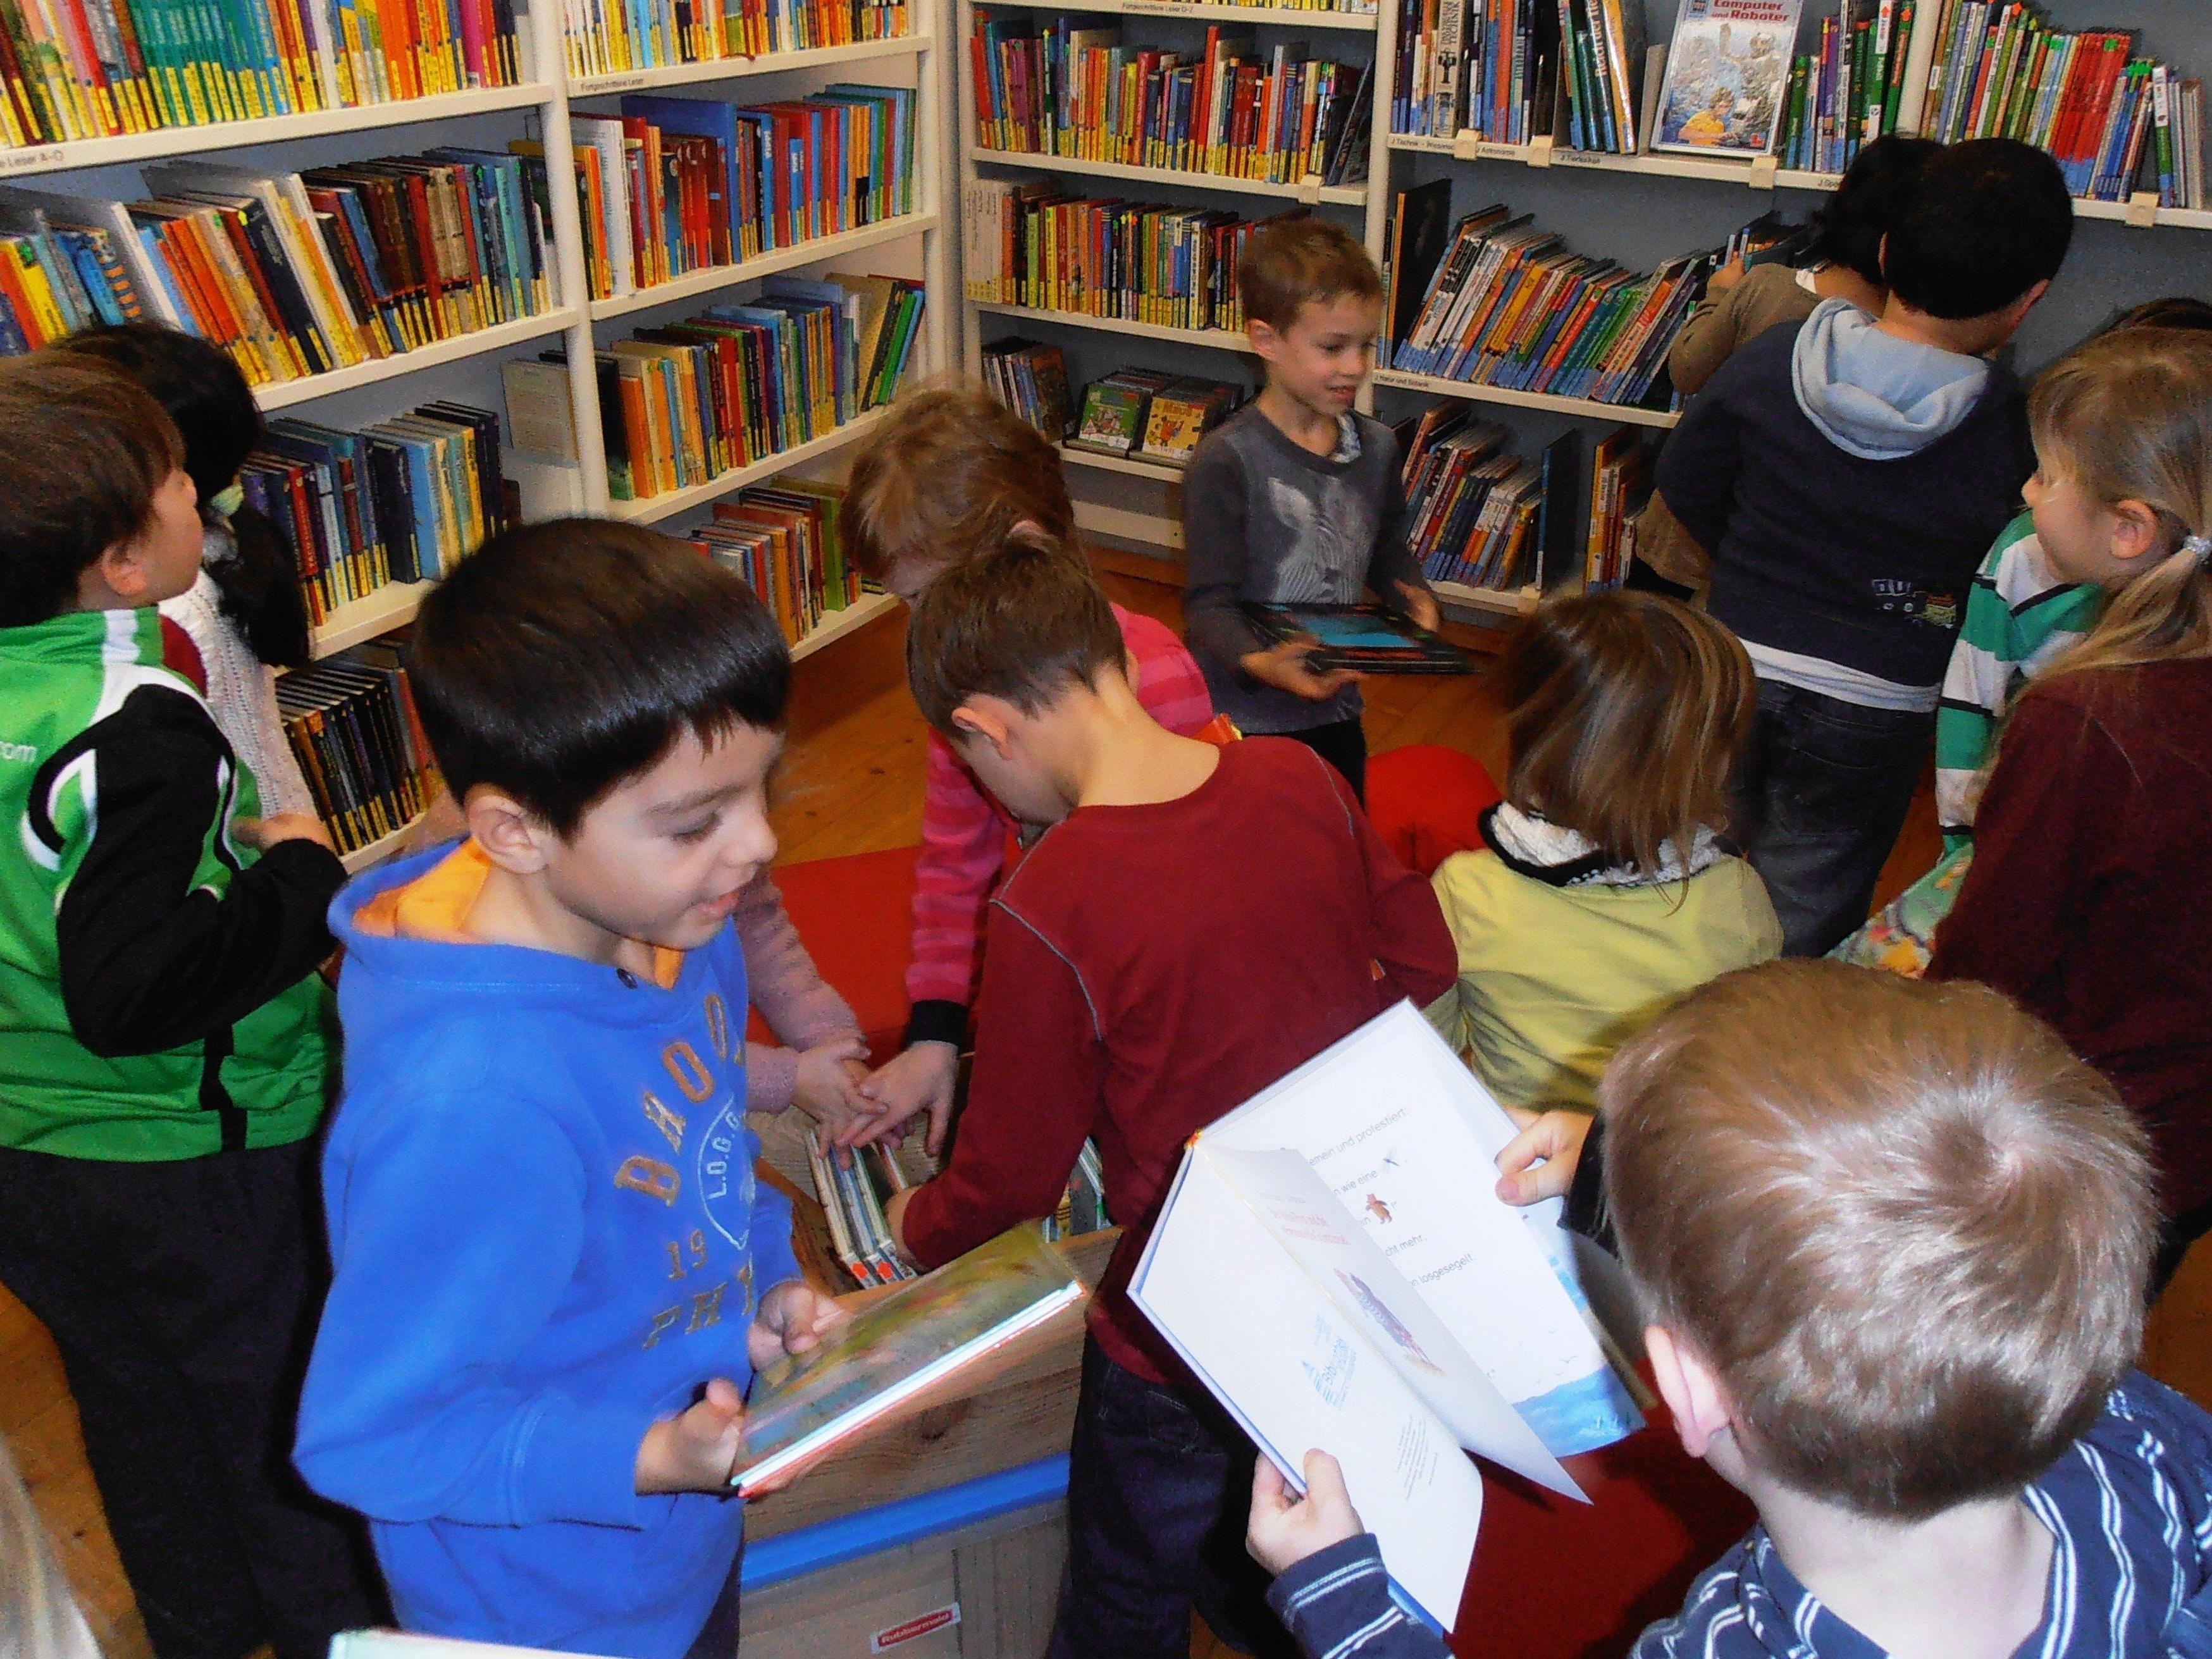 Kinder freuen sich über das tolle Bücherangebot.